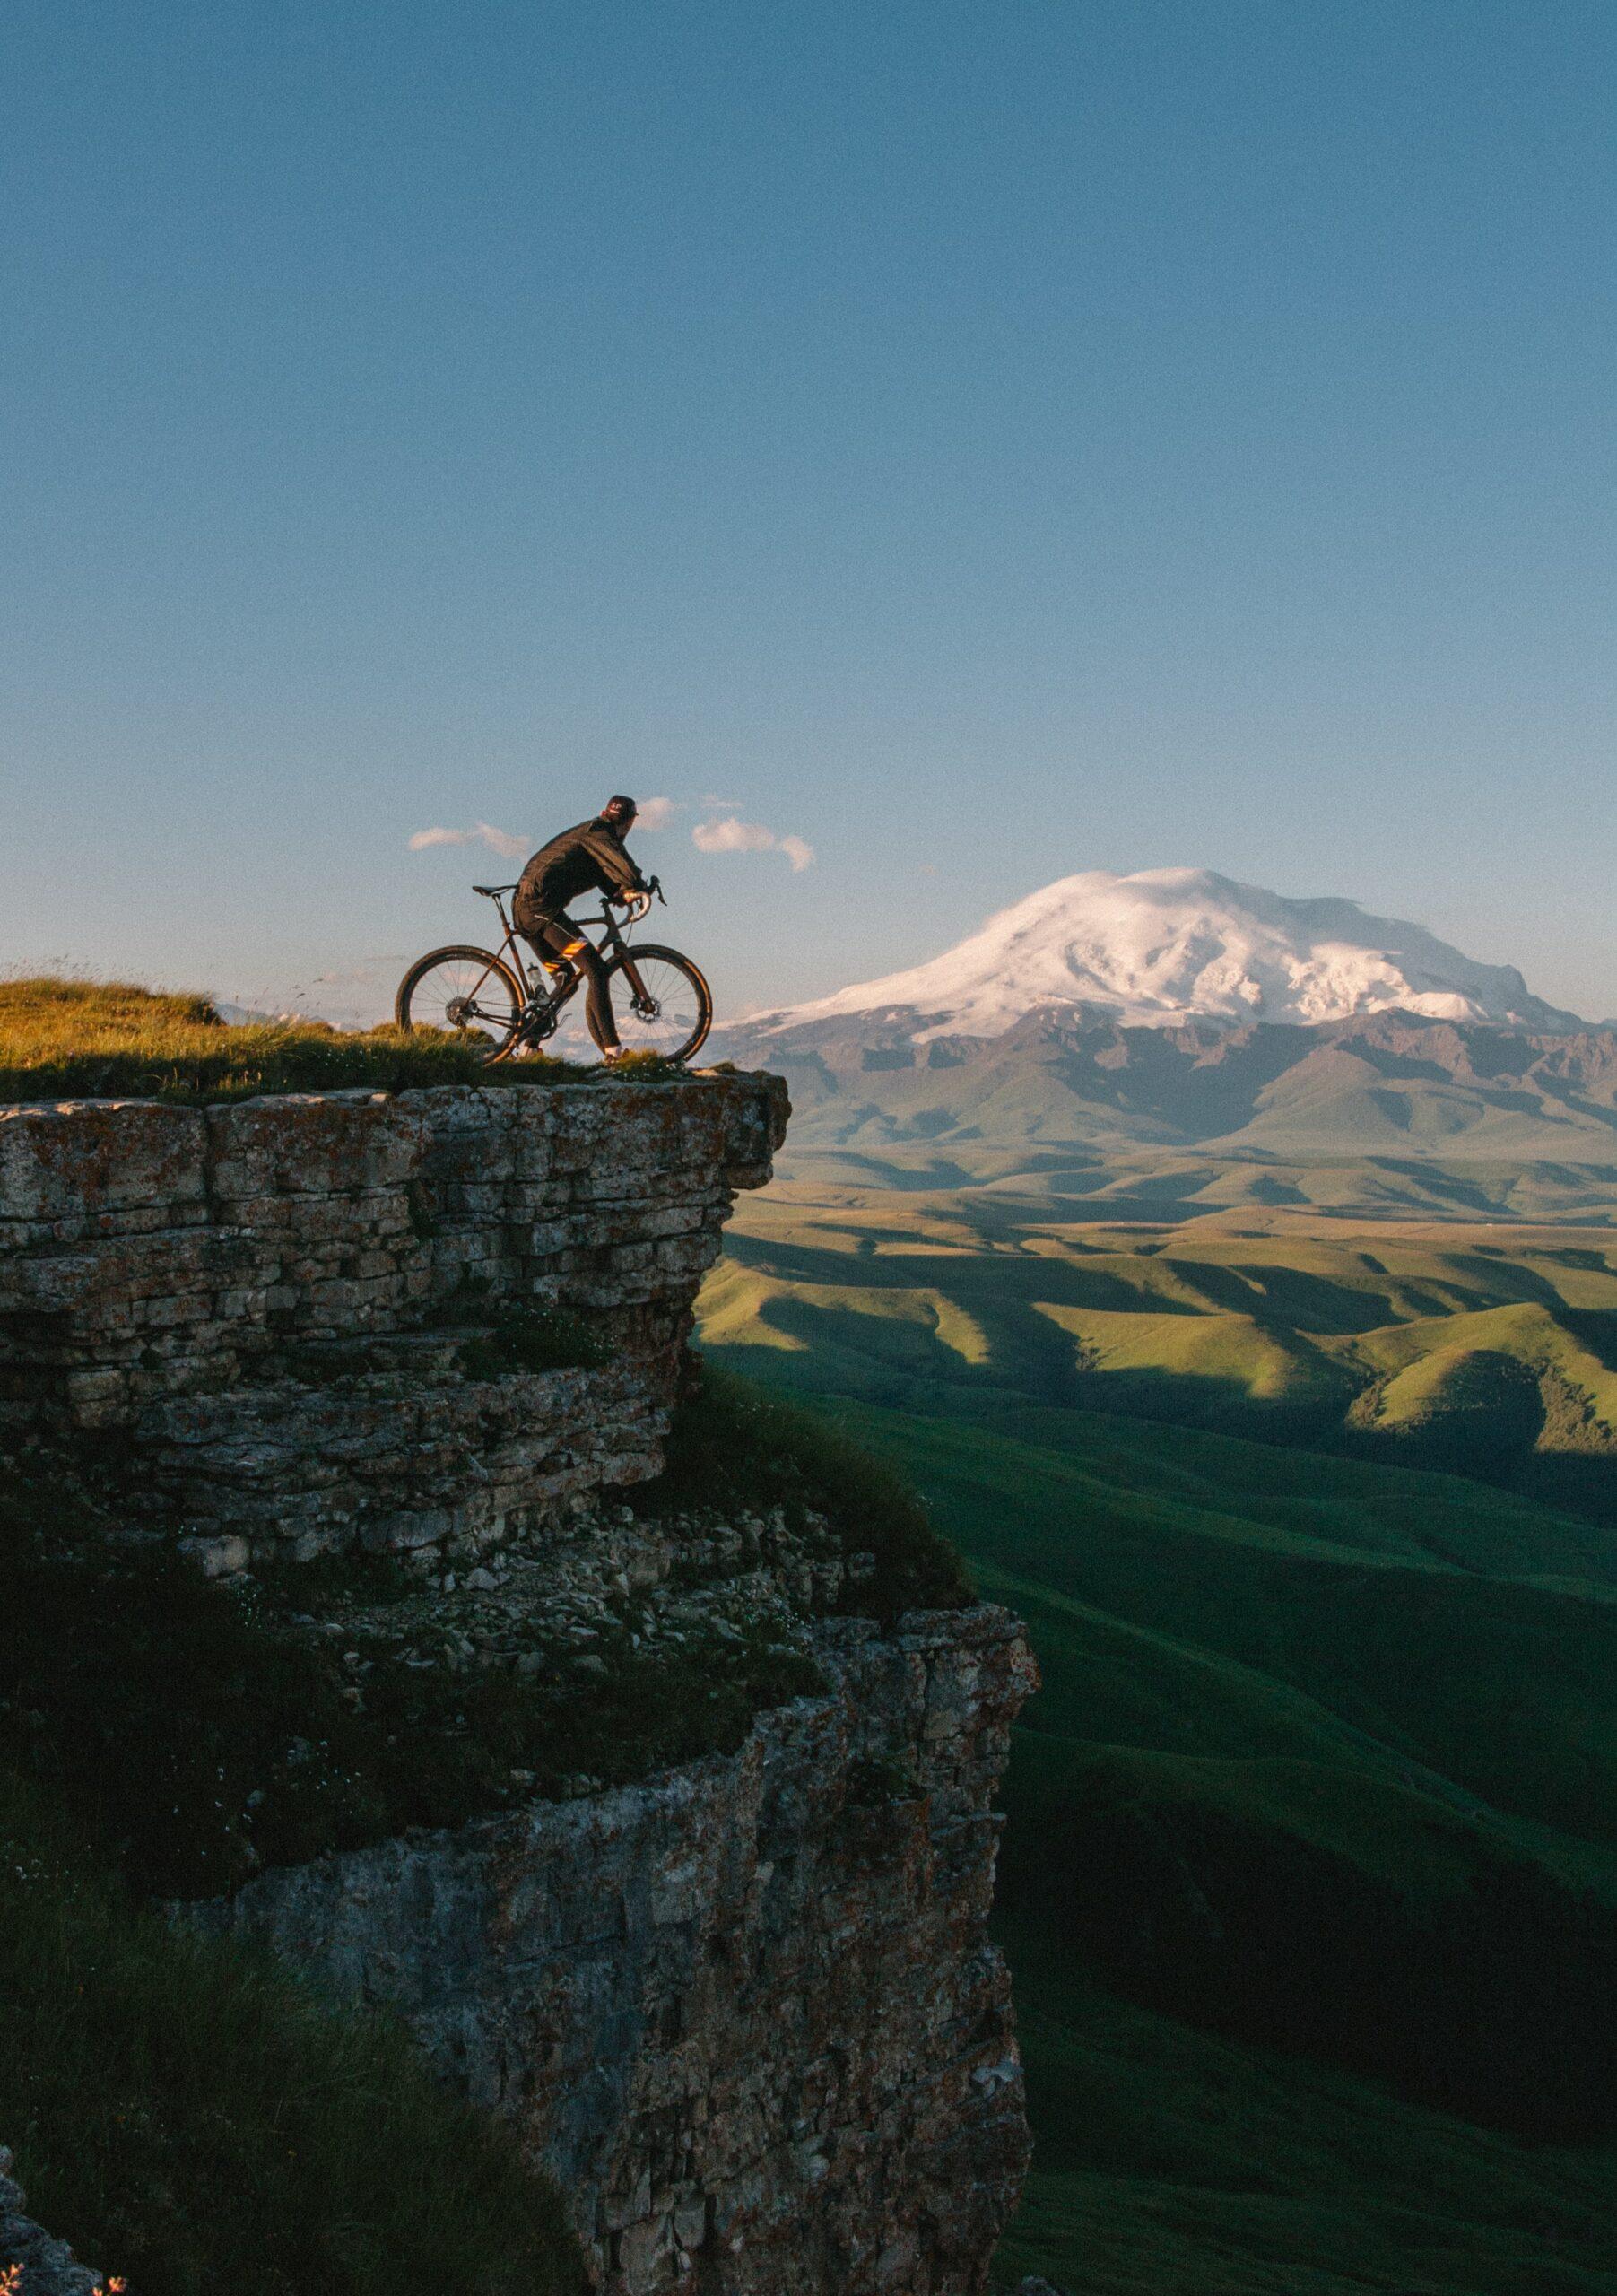 viajes en bicicleta organizados